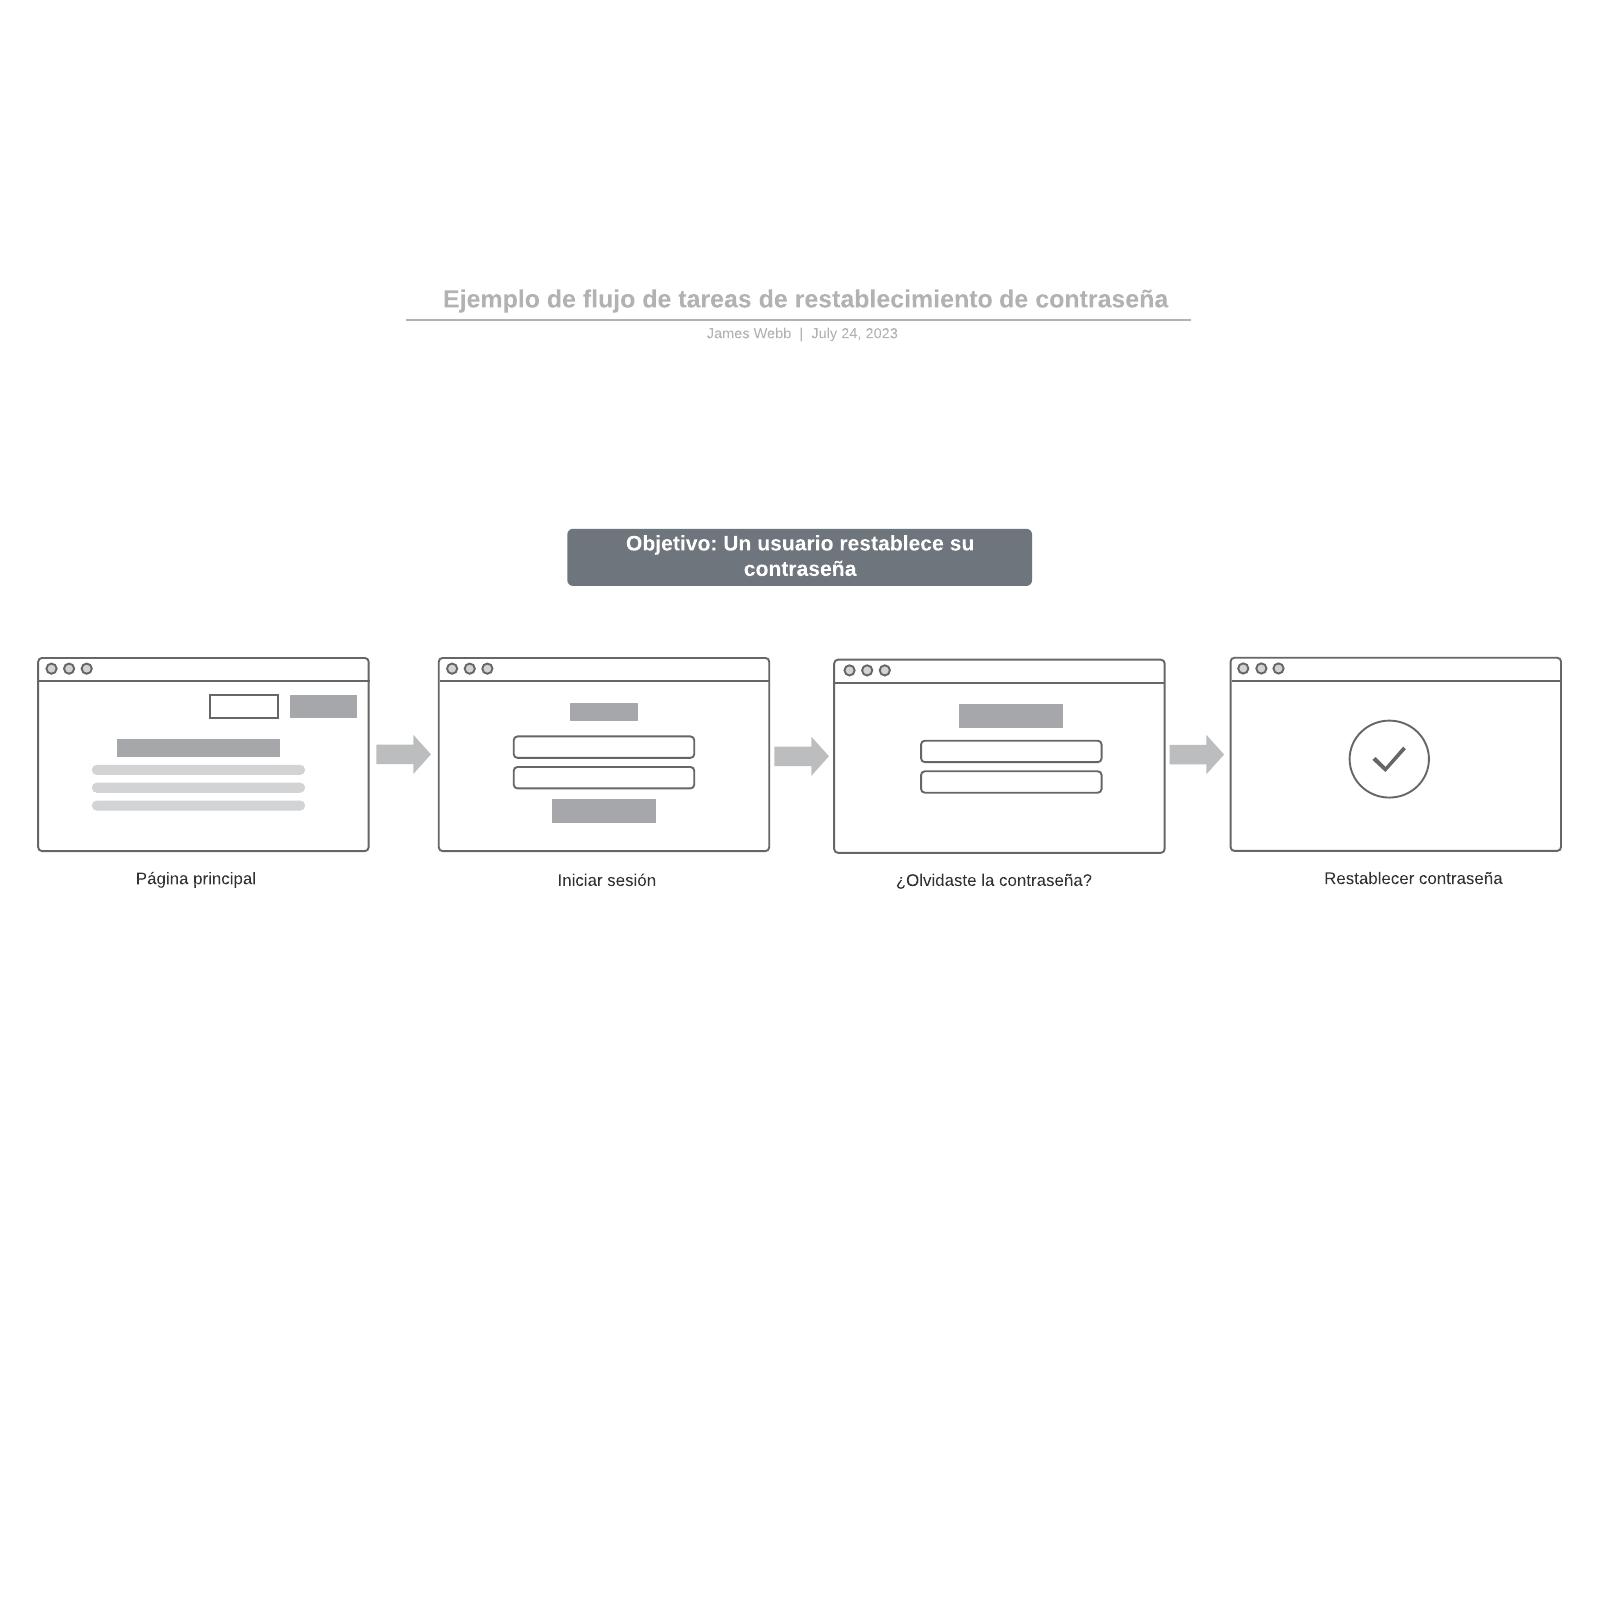 Ejemplo de flujo de tareas de restablecimiento de contraseña